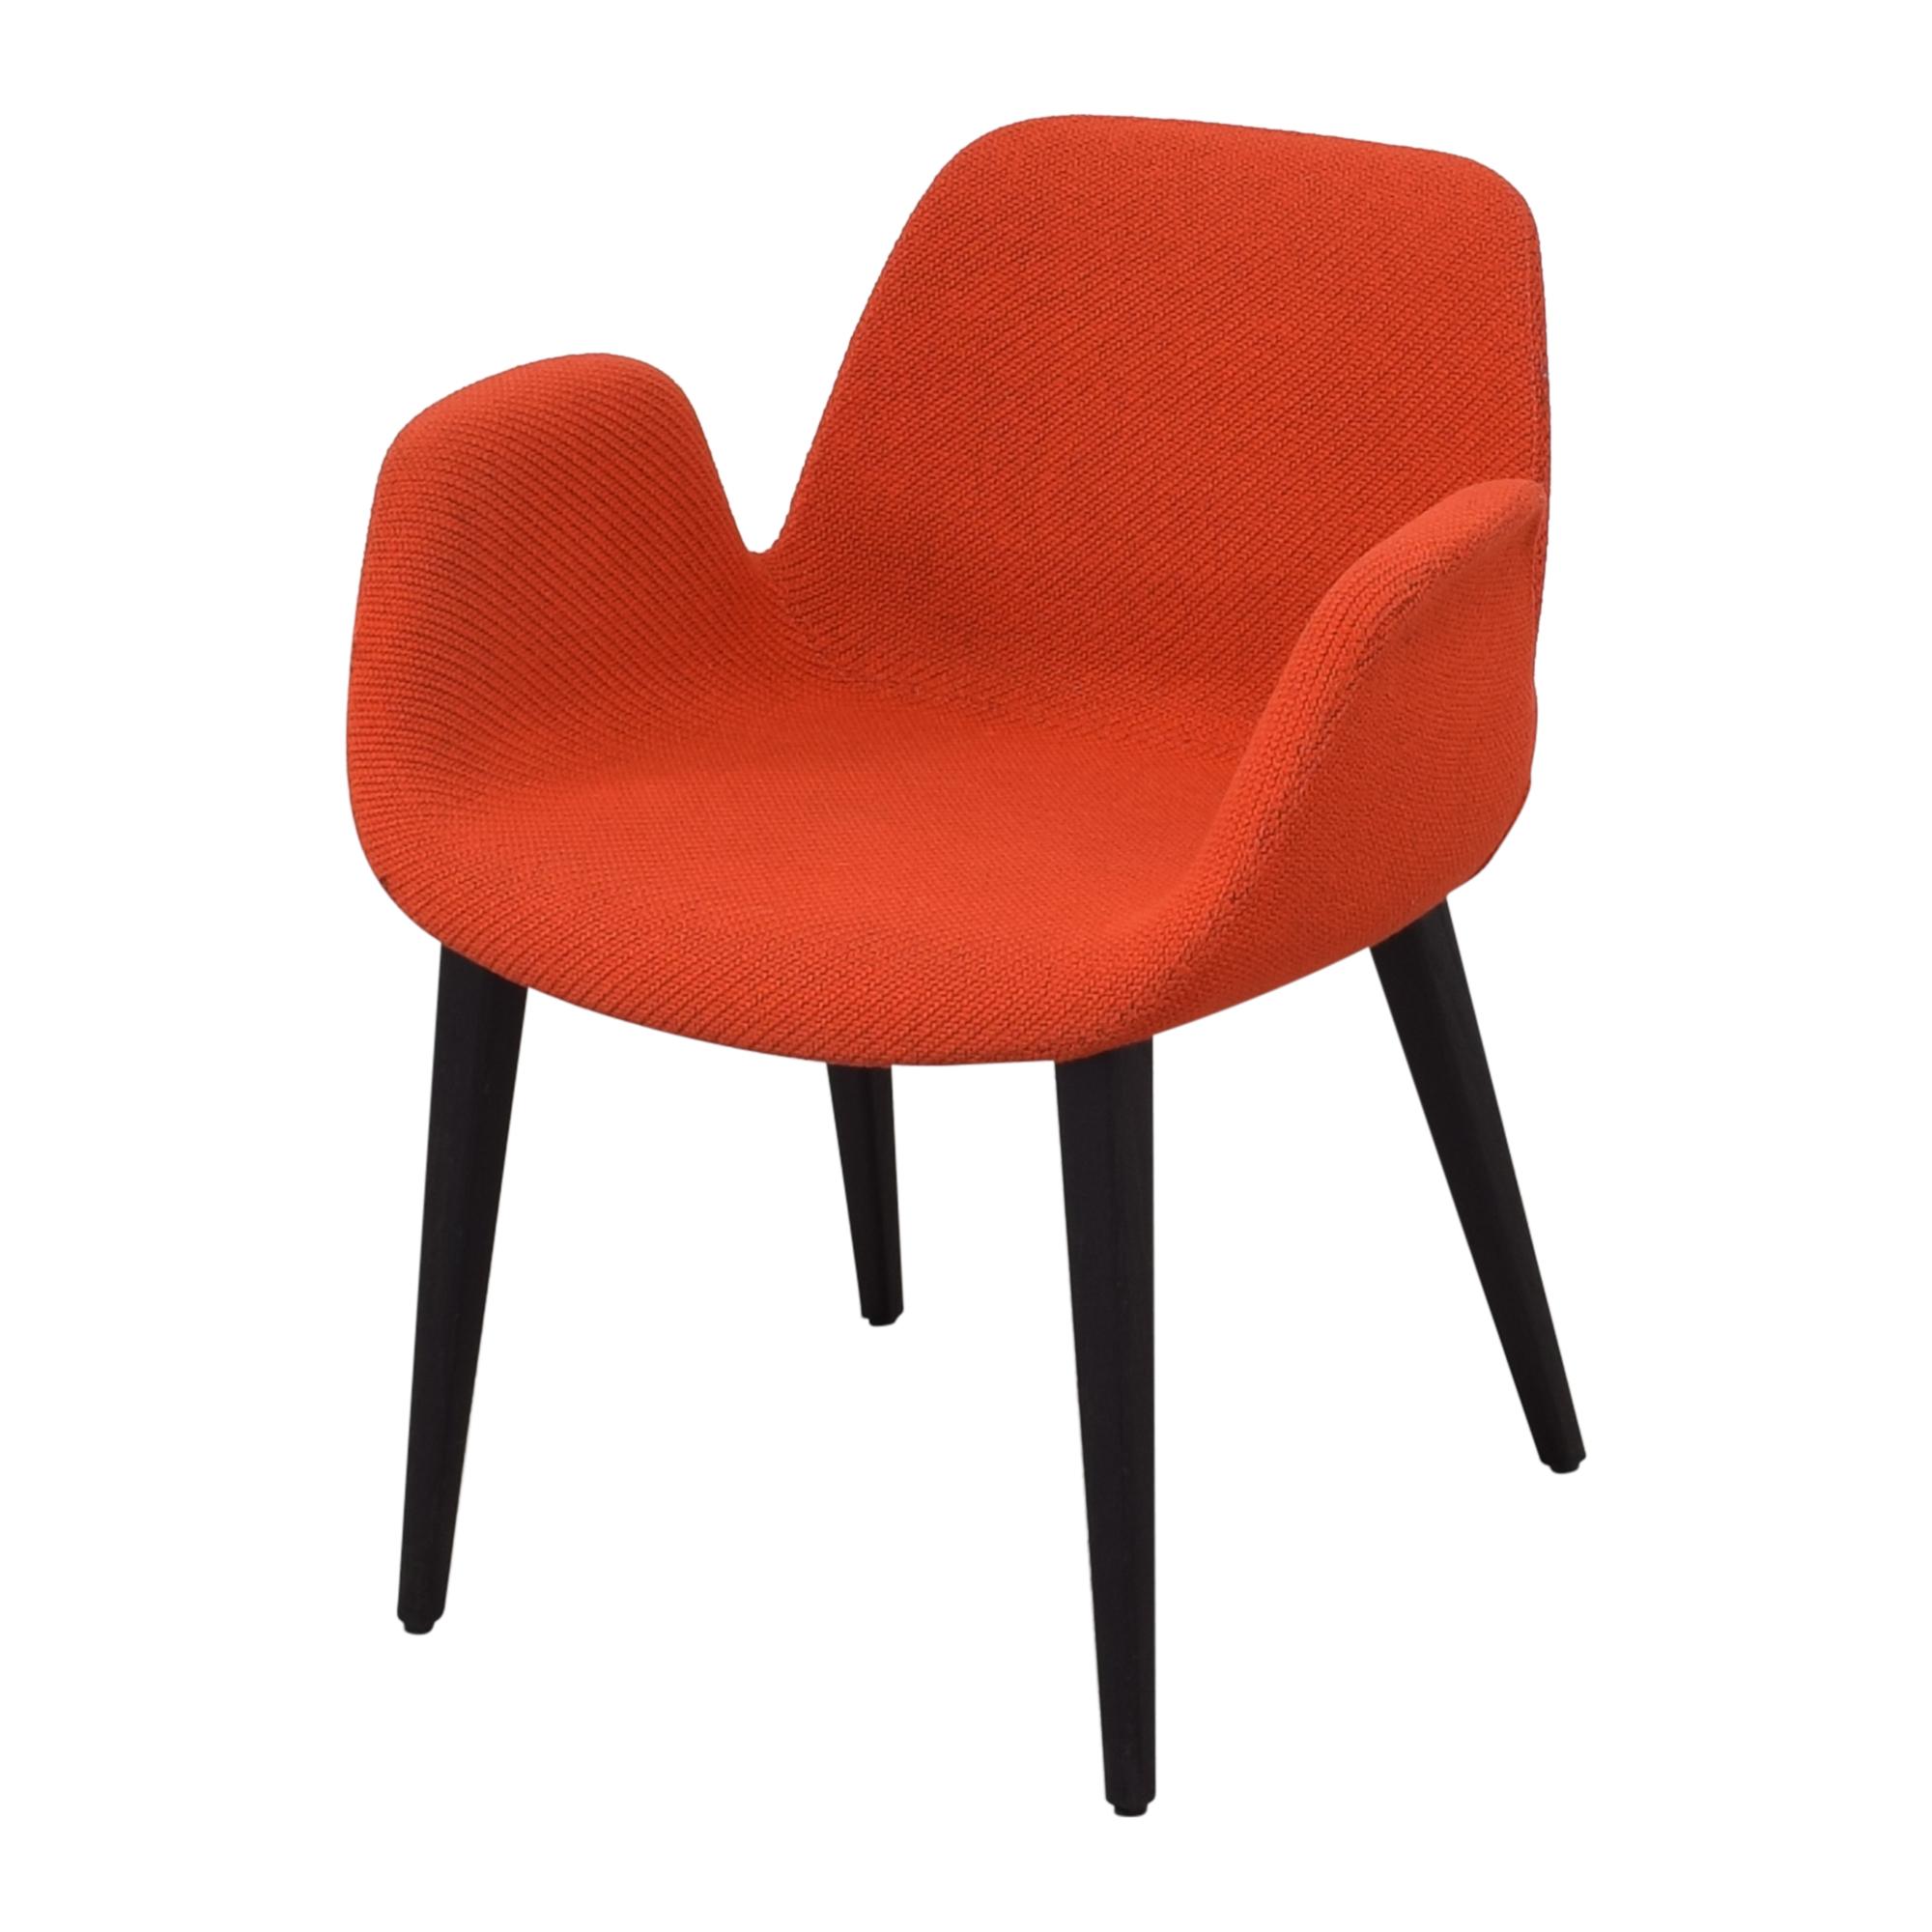 Koleksiyon Koleksiyon Halia Arm Chair Chairs